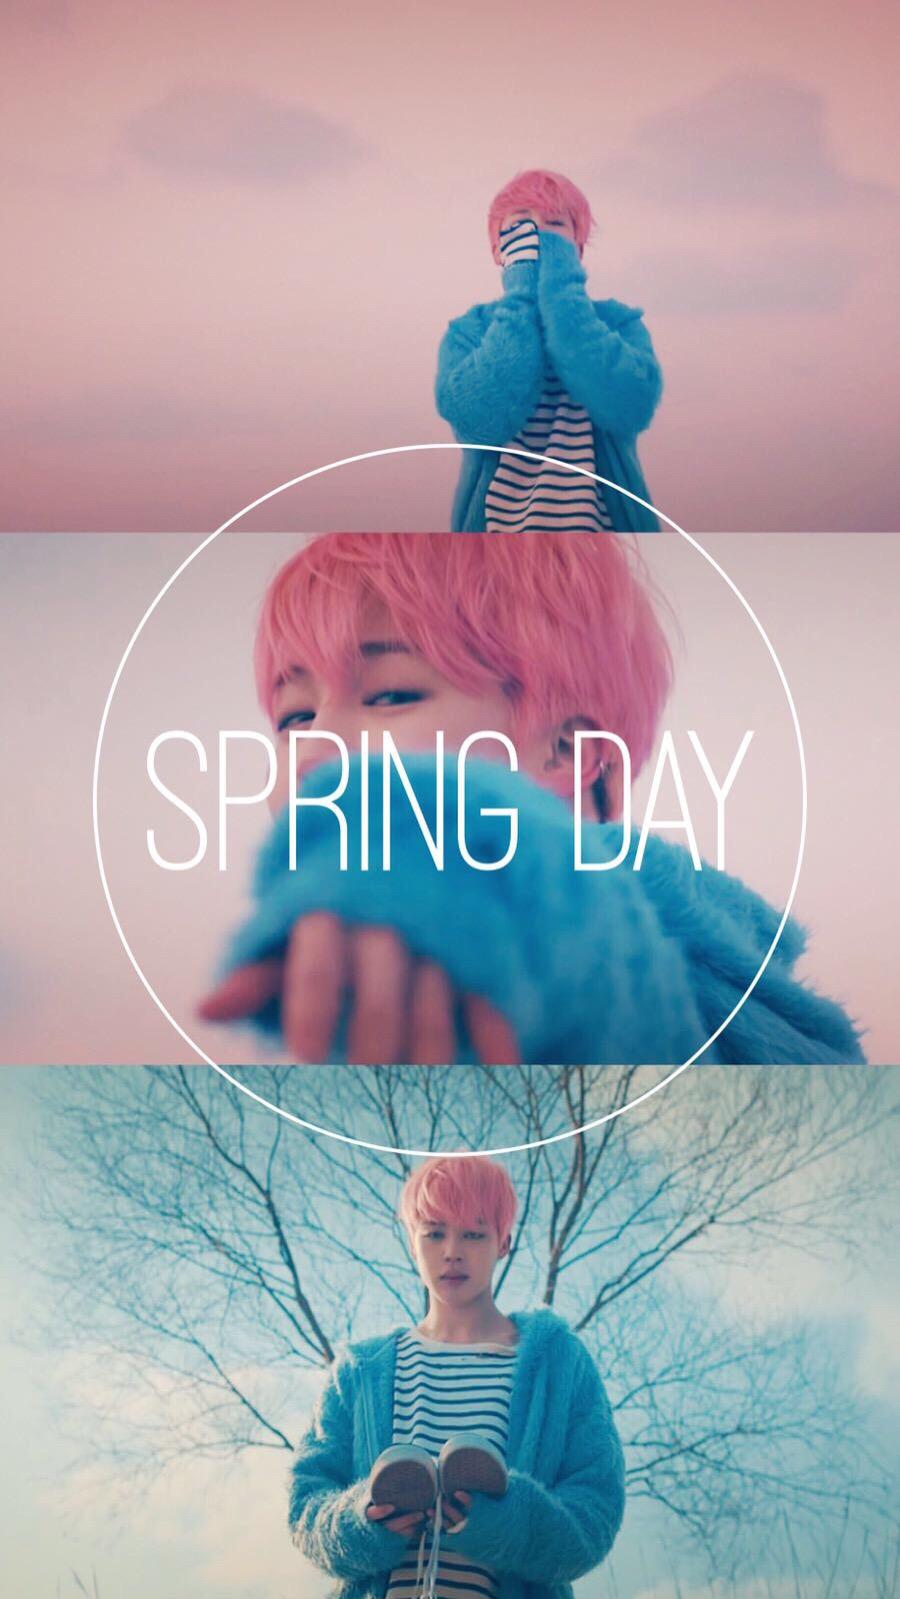 Spring Day Jimin Bts Jimin Springdaybts Wallpaper Btswa